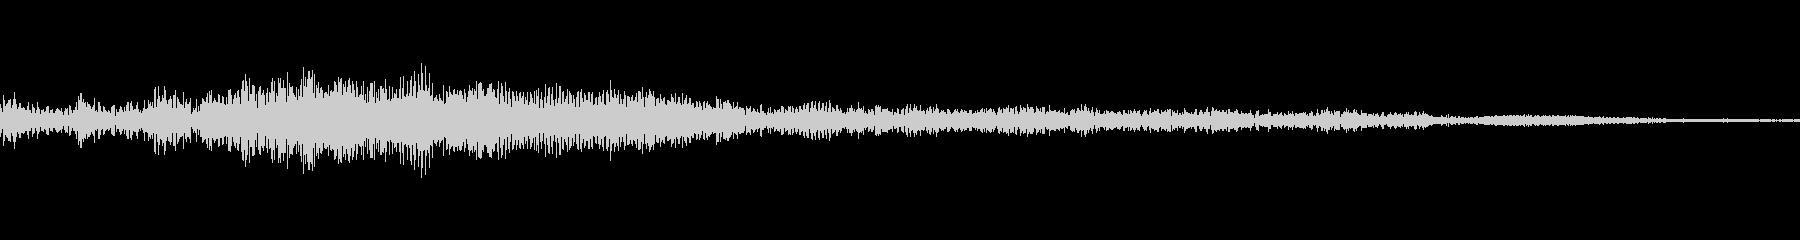 ホラー系導入音_その9の未再生の波形